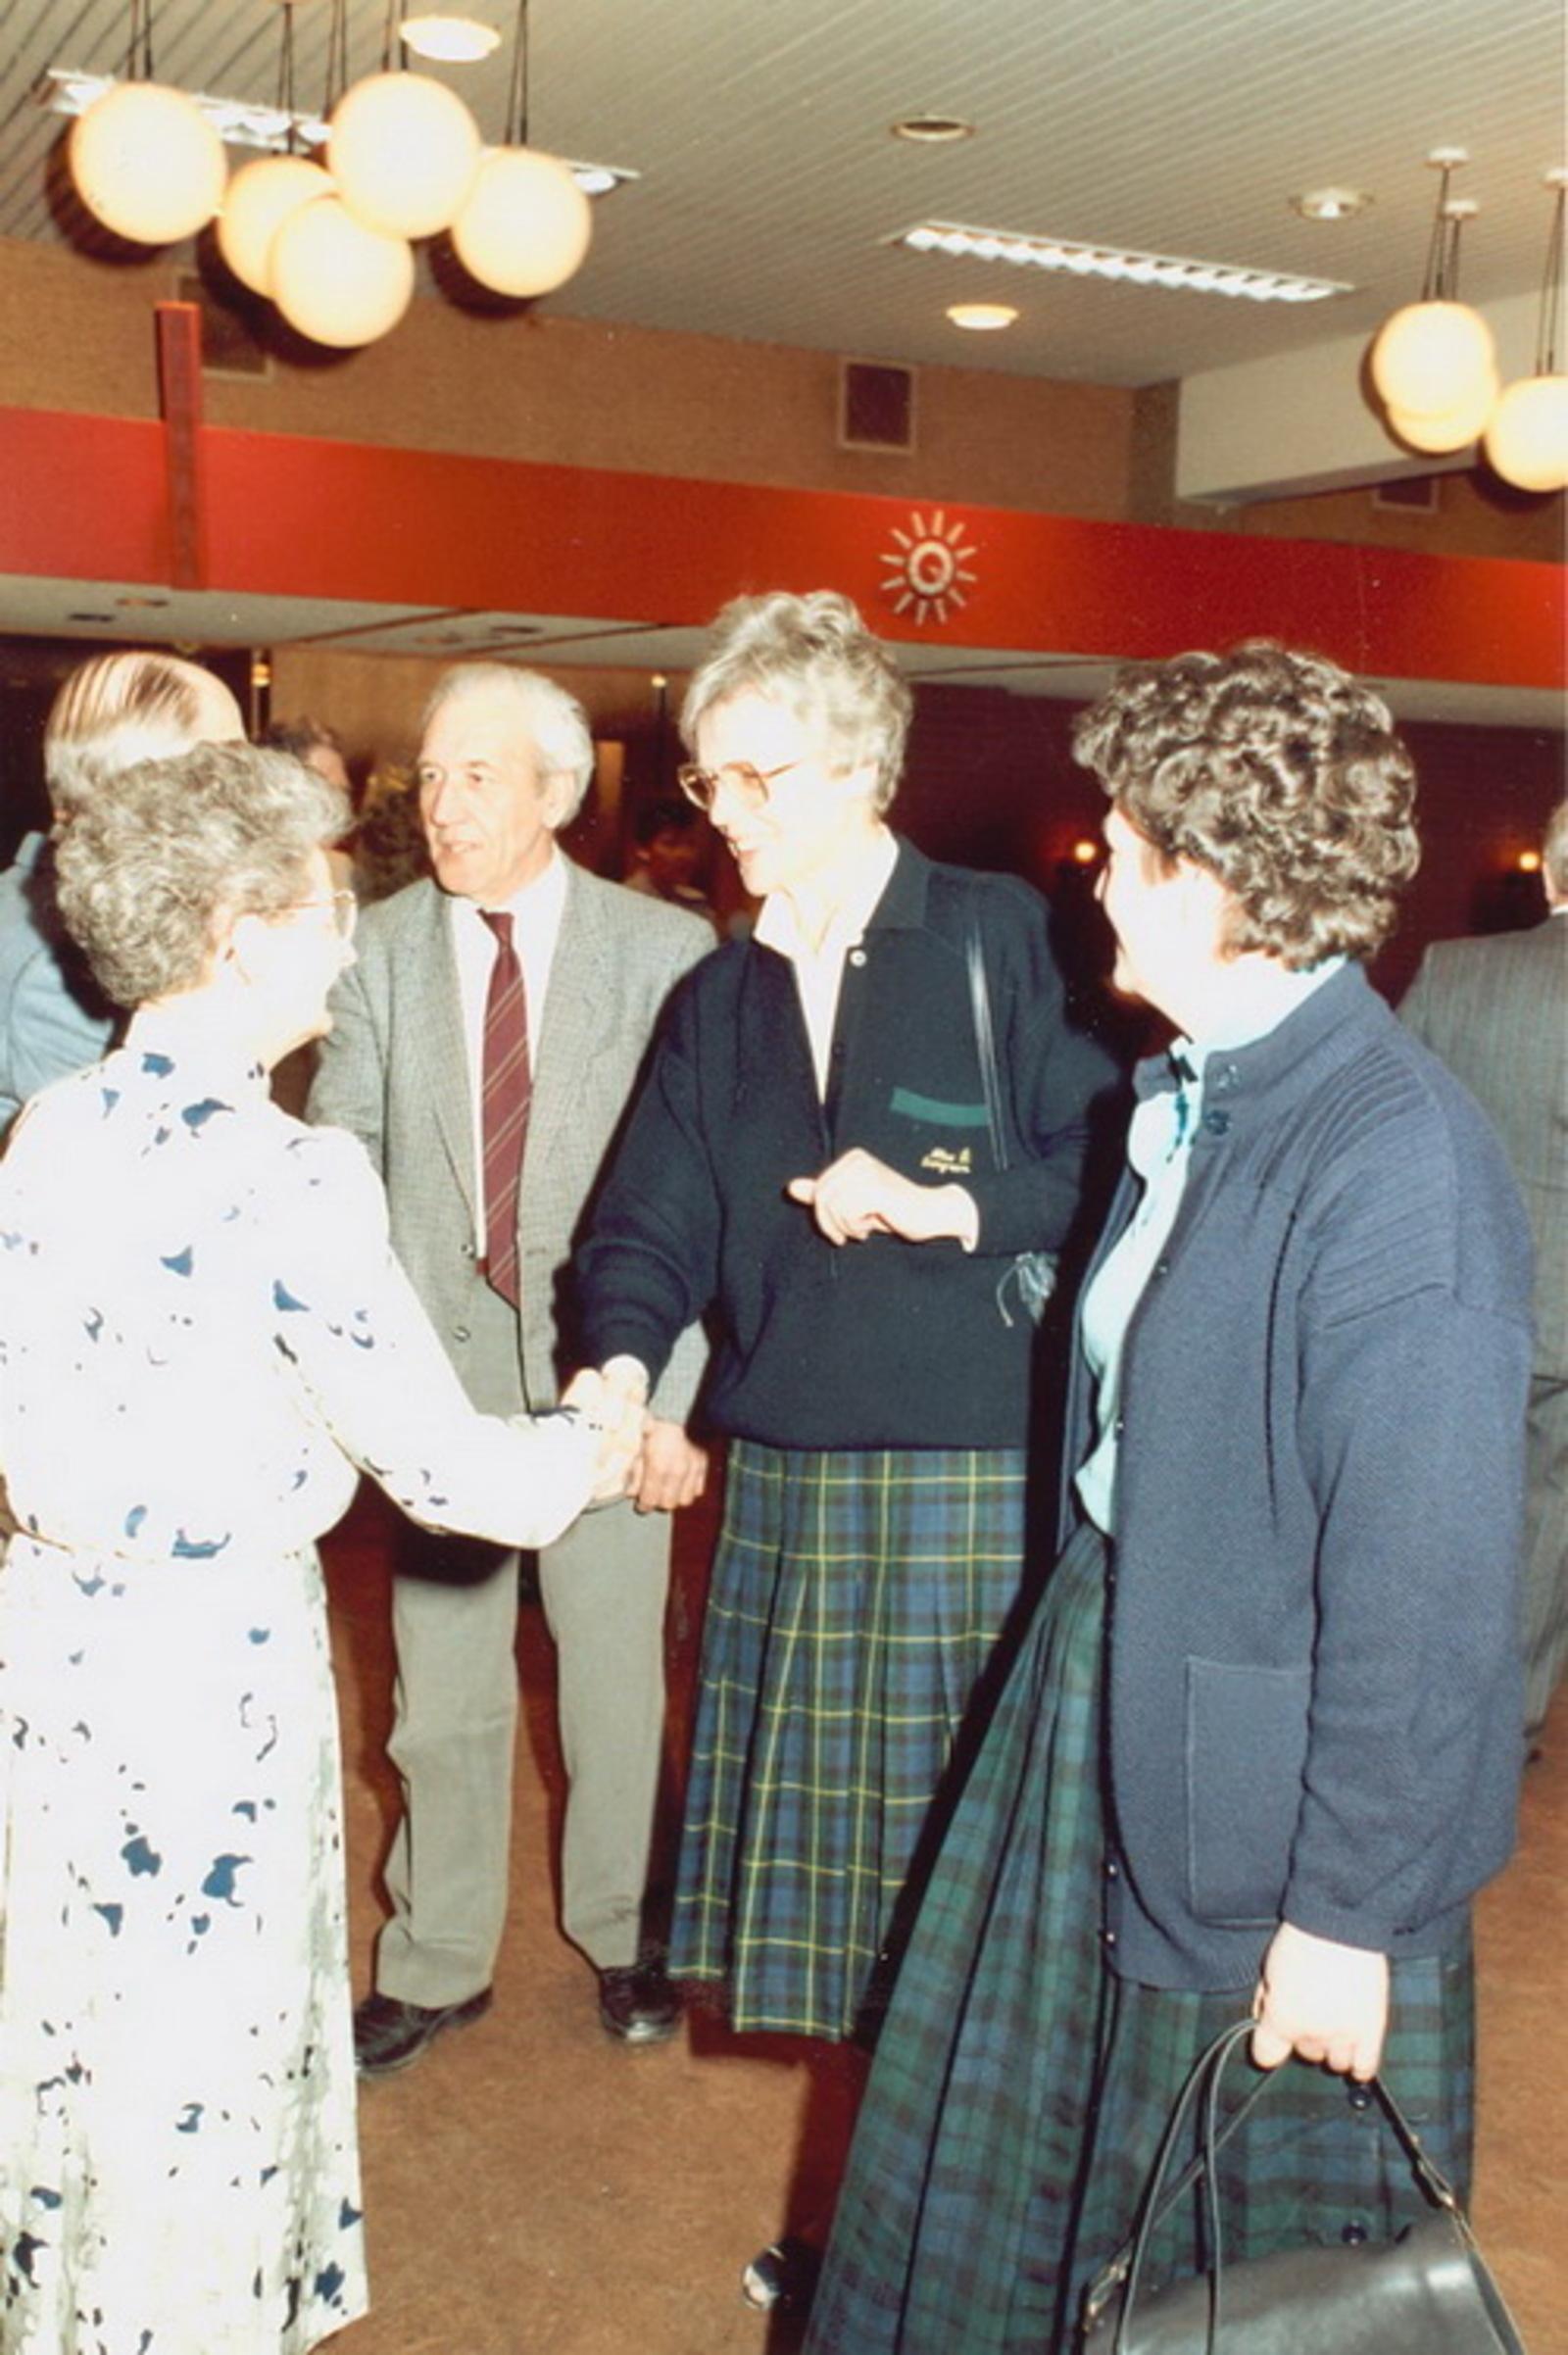 Marktlaan O 0022 1988 Sigarenboer Kraak 50jr Jub en Sluiting 63